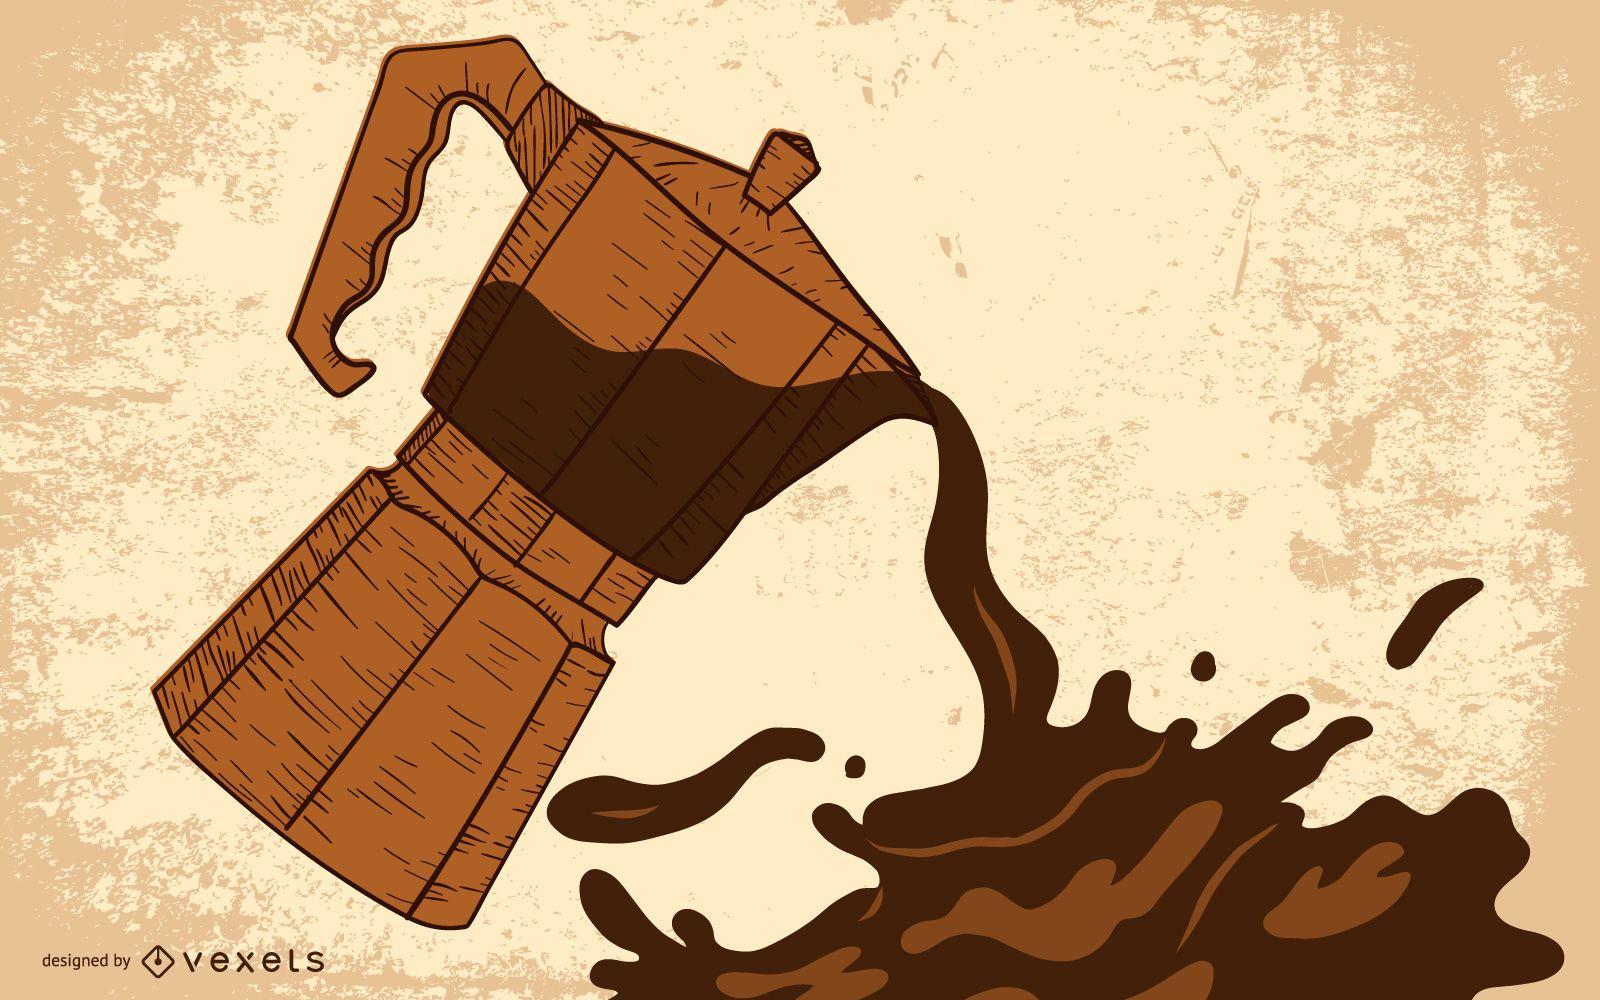 Grão de café pingando